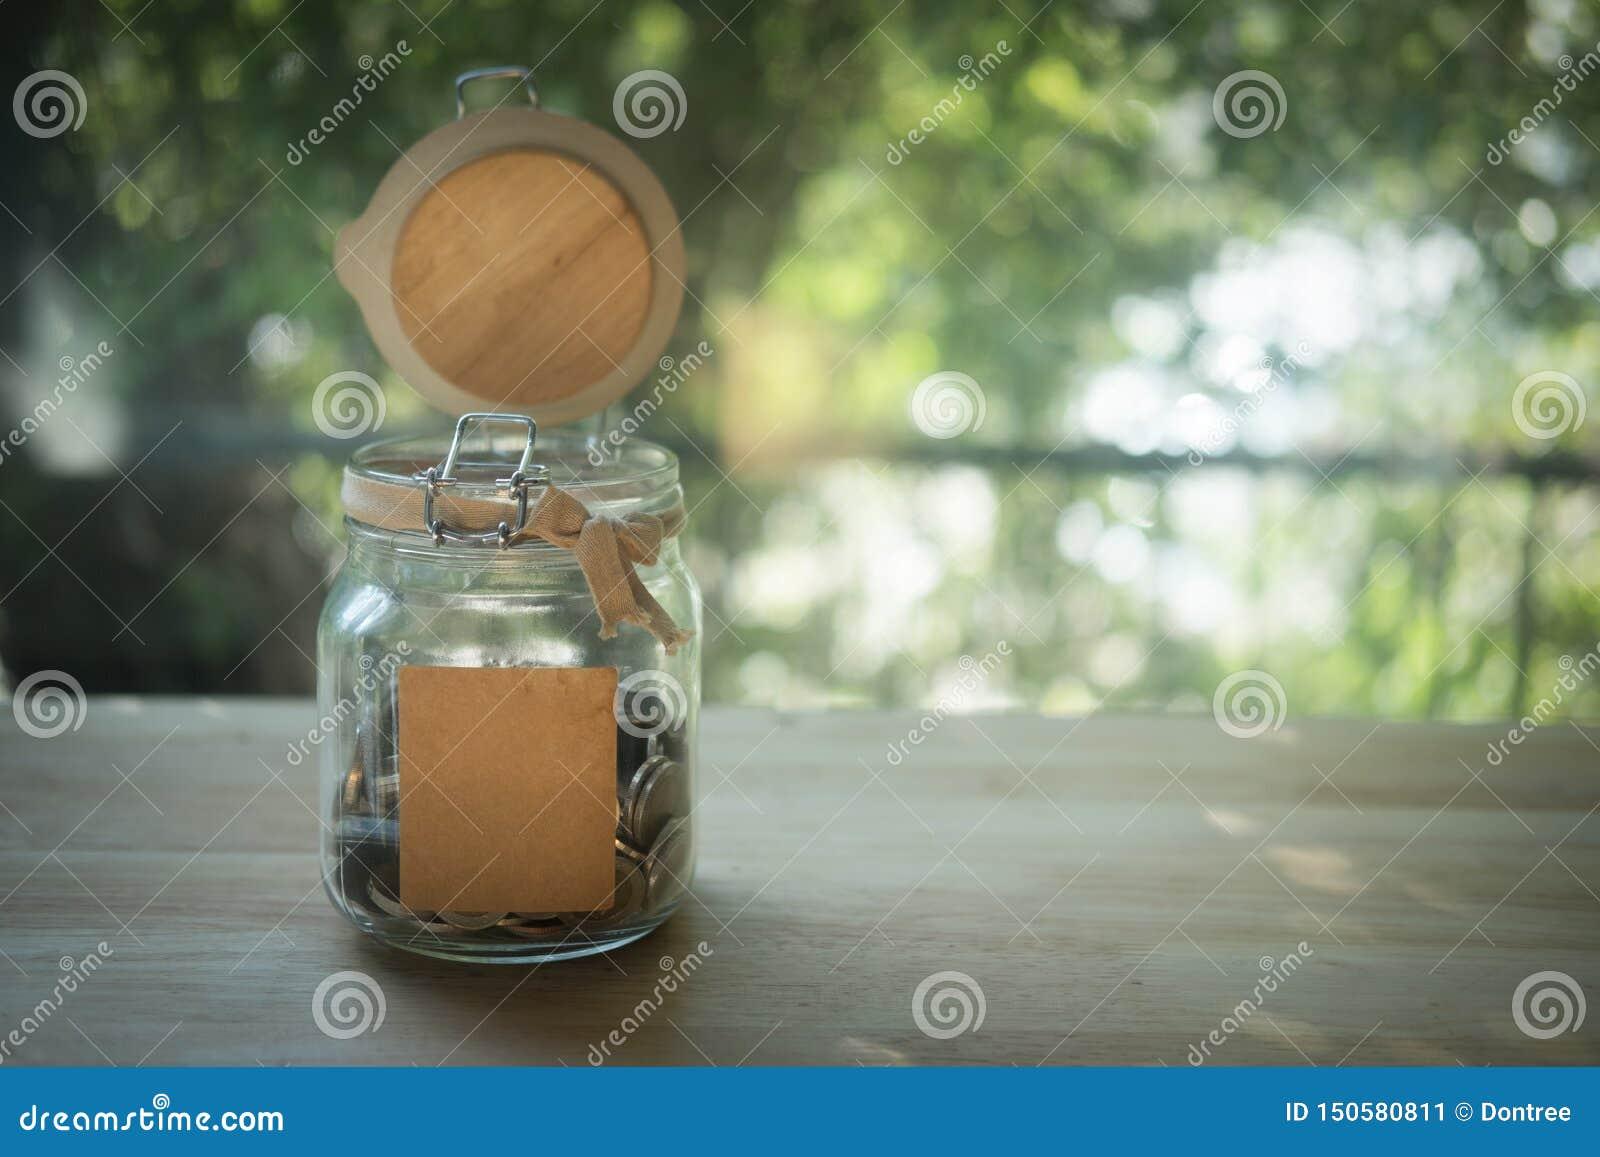 Thai baht in a glass jar